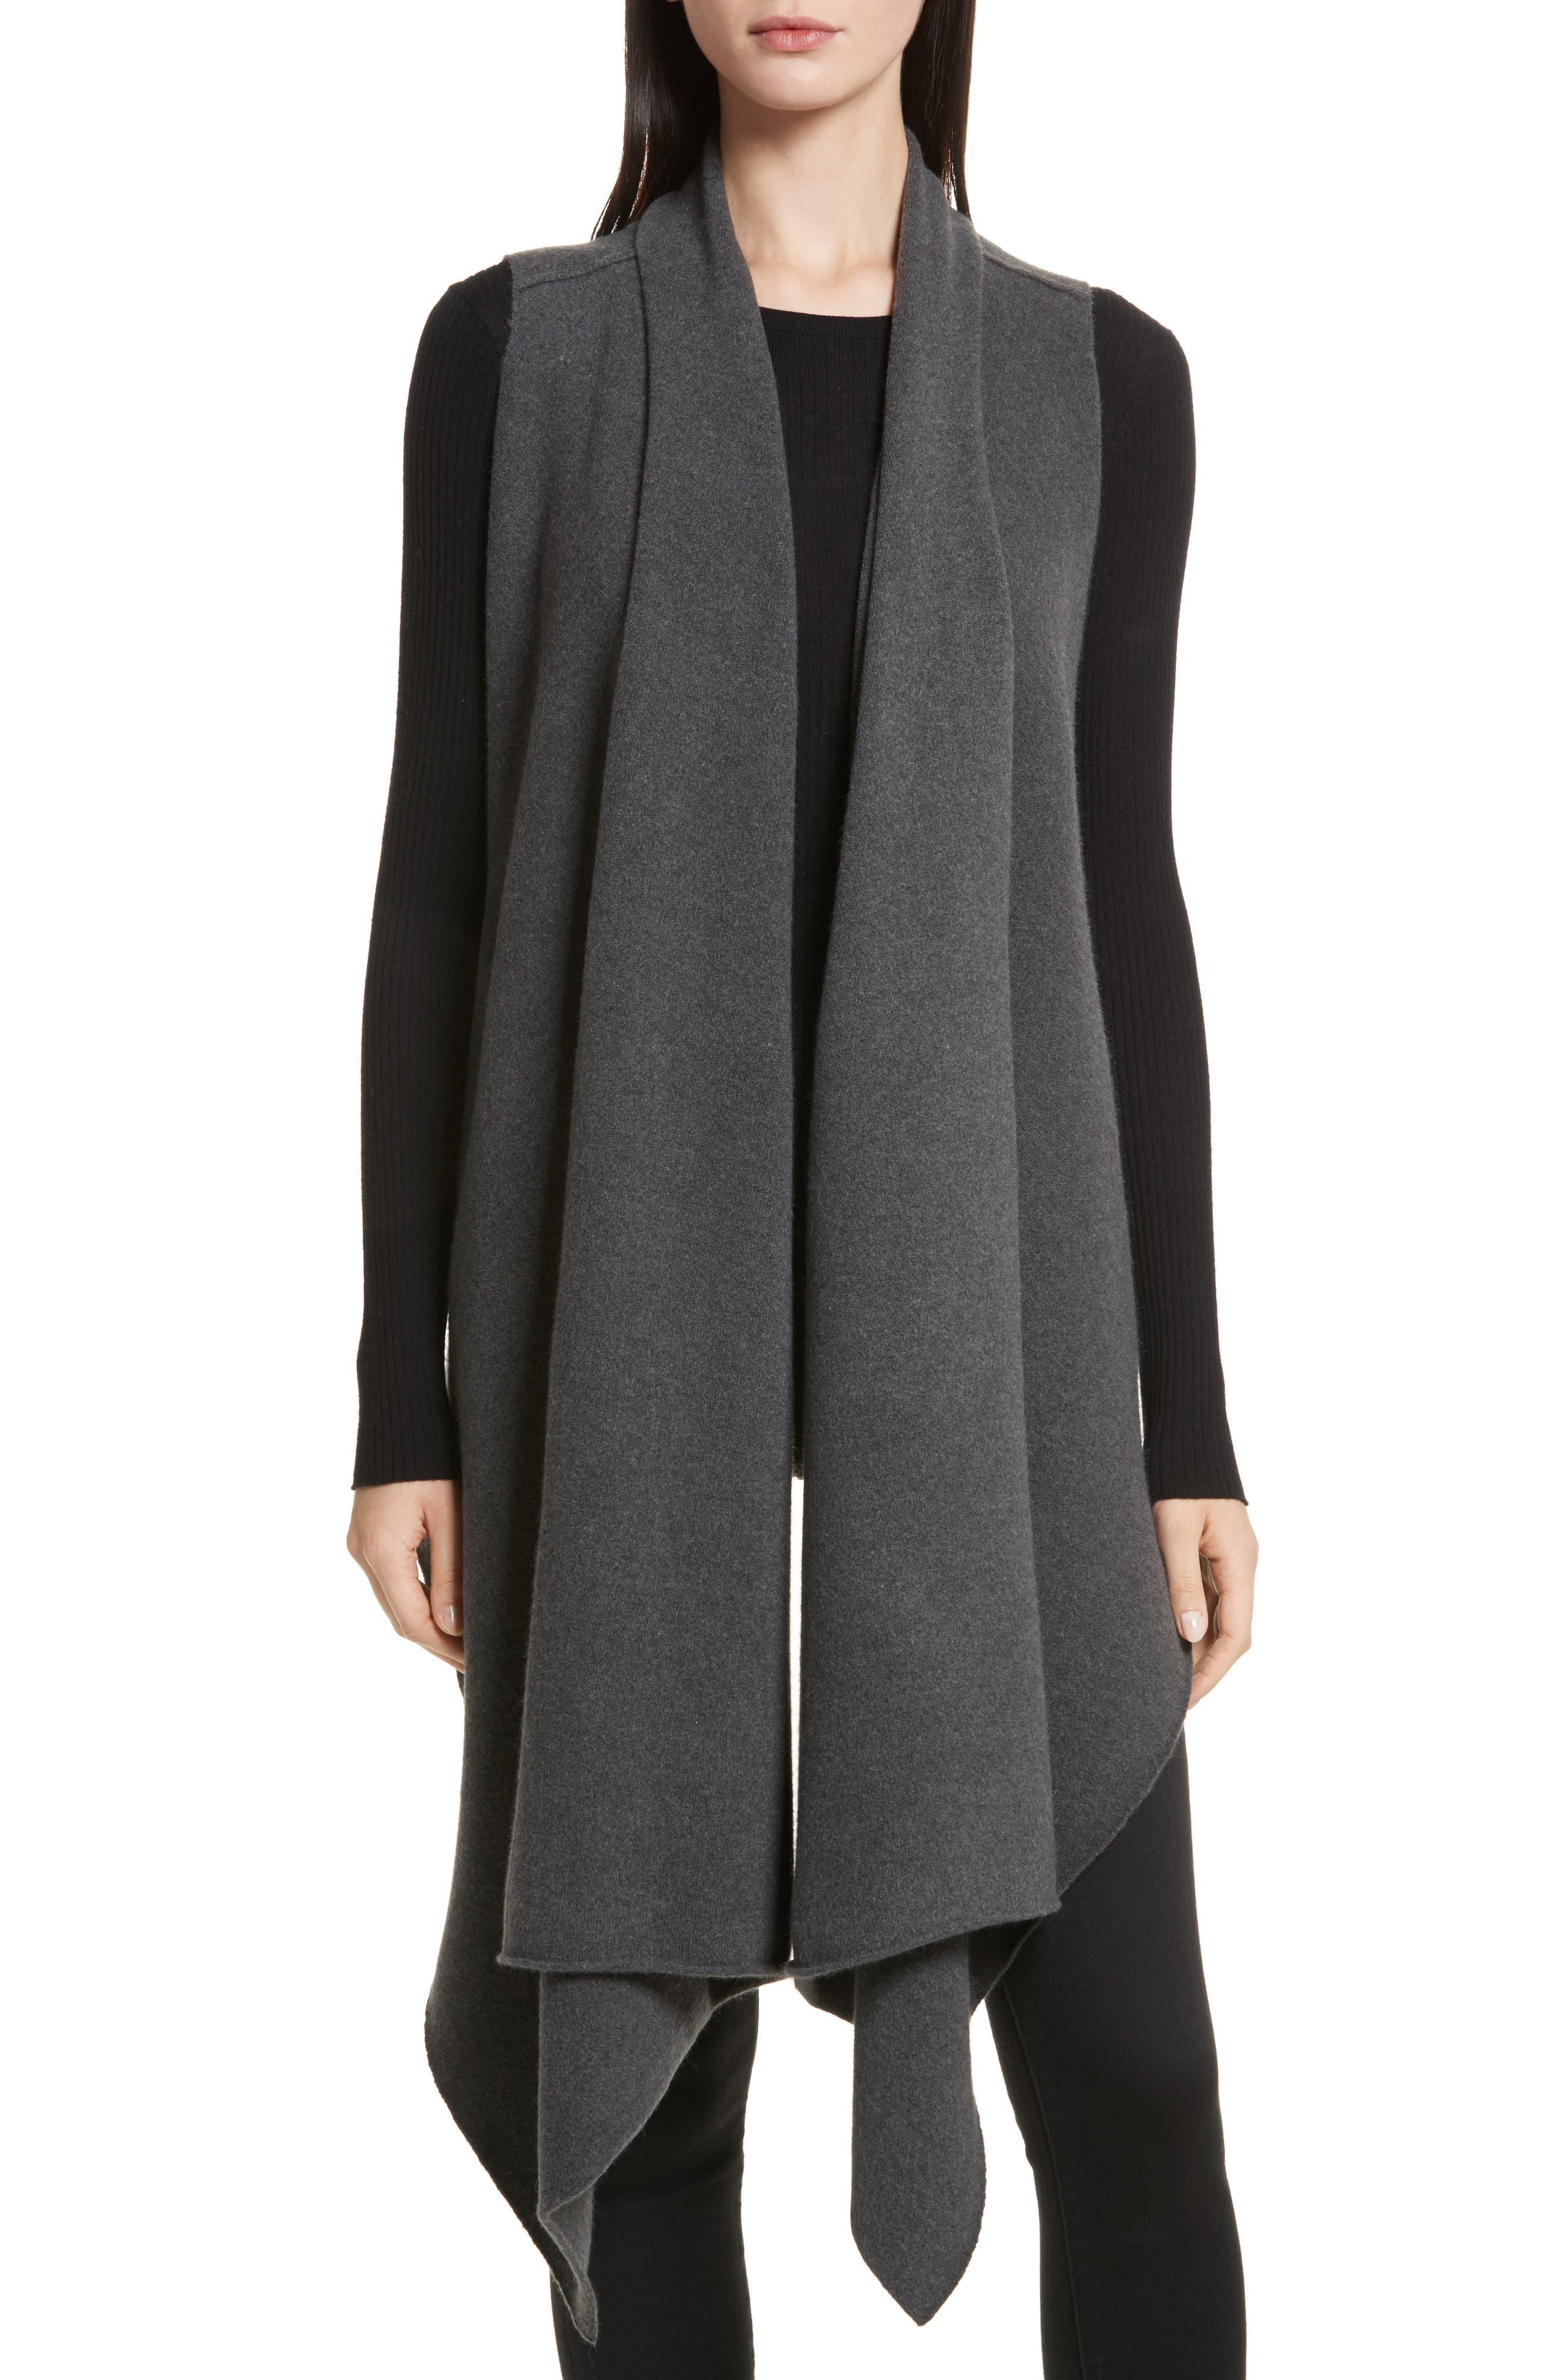 Sorin Merino Wool Blend Wrap Vest,                         Main,                         color, Shale Melange